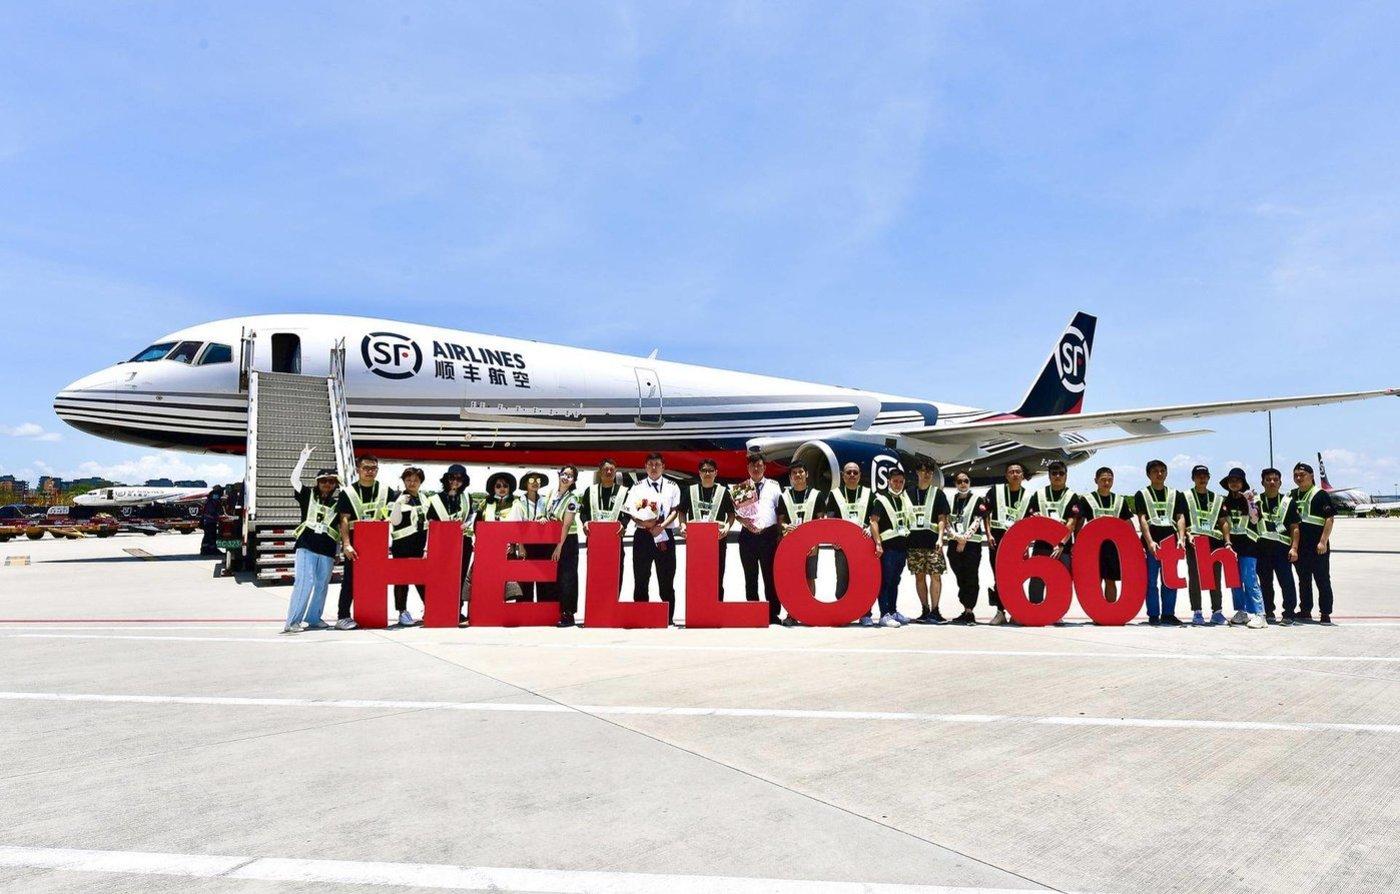 顺丰航空机队规模已增长至60架 / 顺丰官网